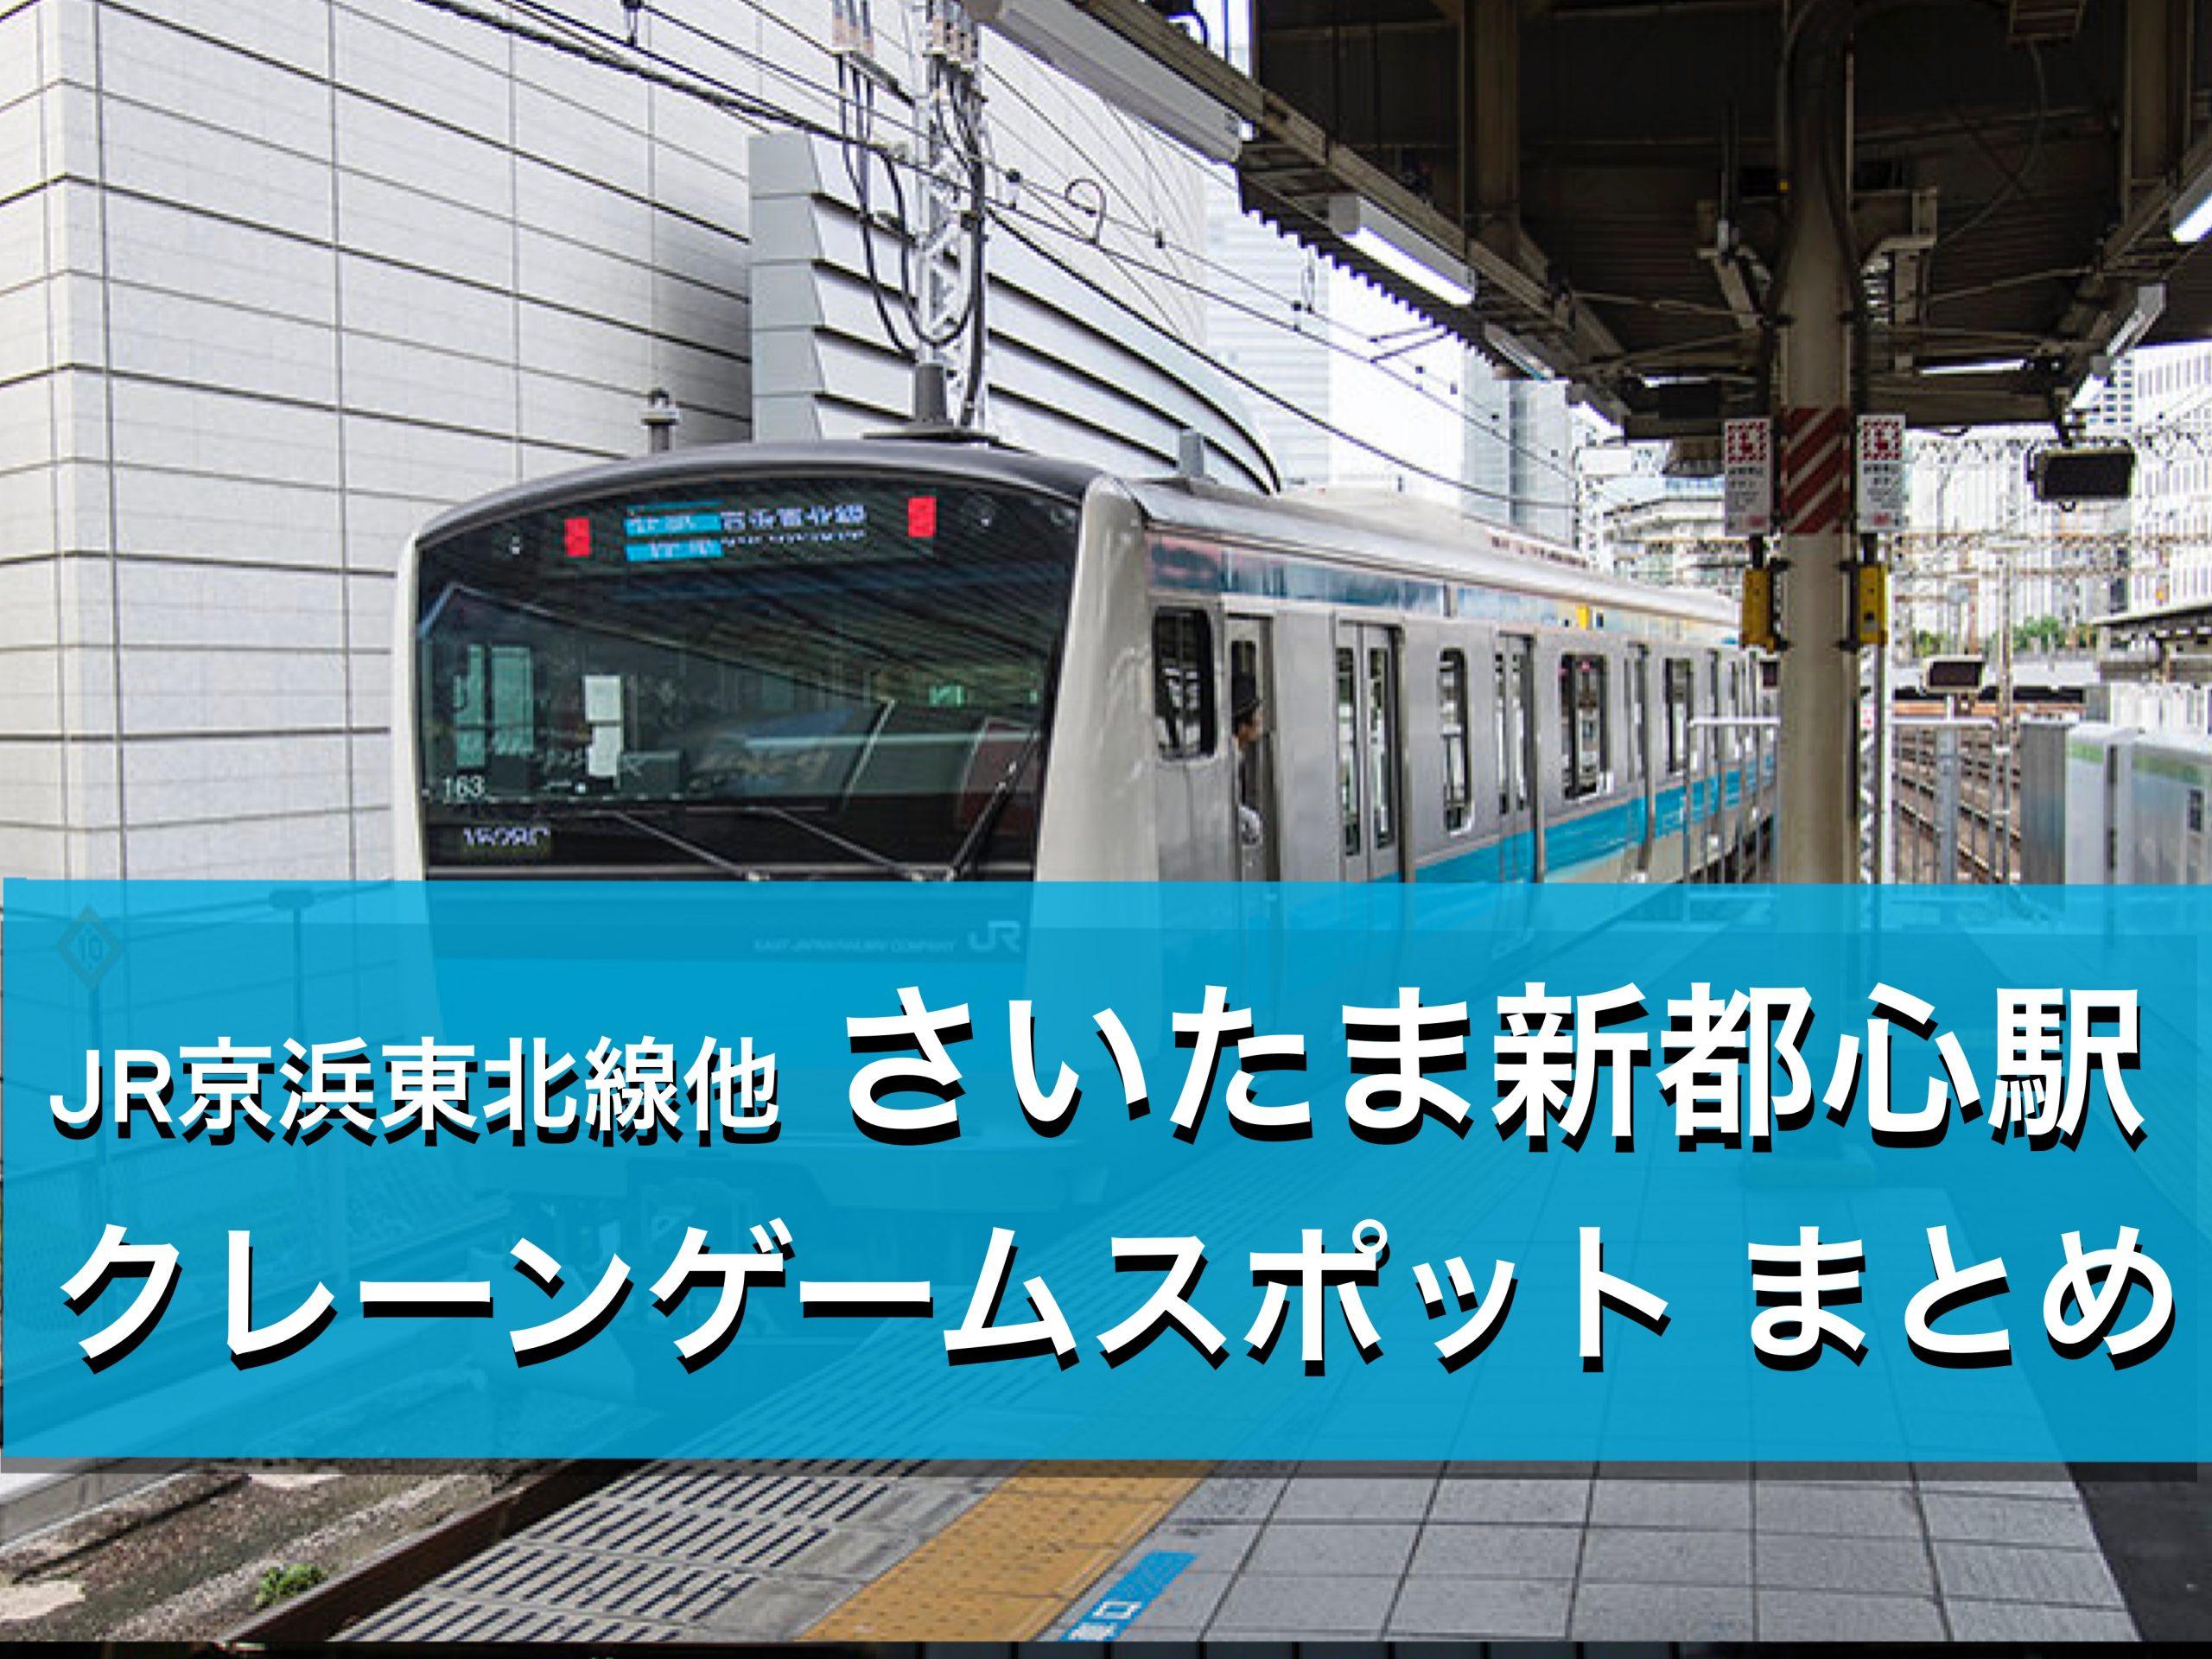 【さいたま新都心駅】クレーンゲームができる場所